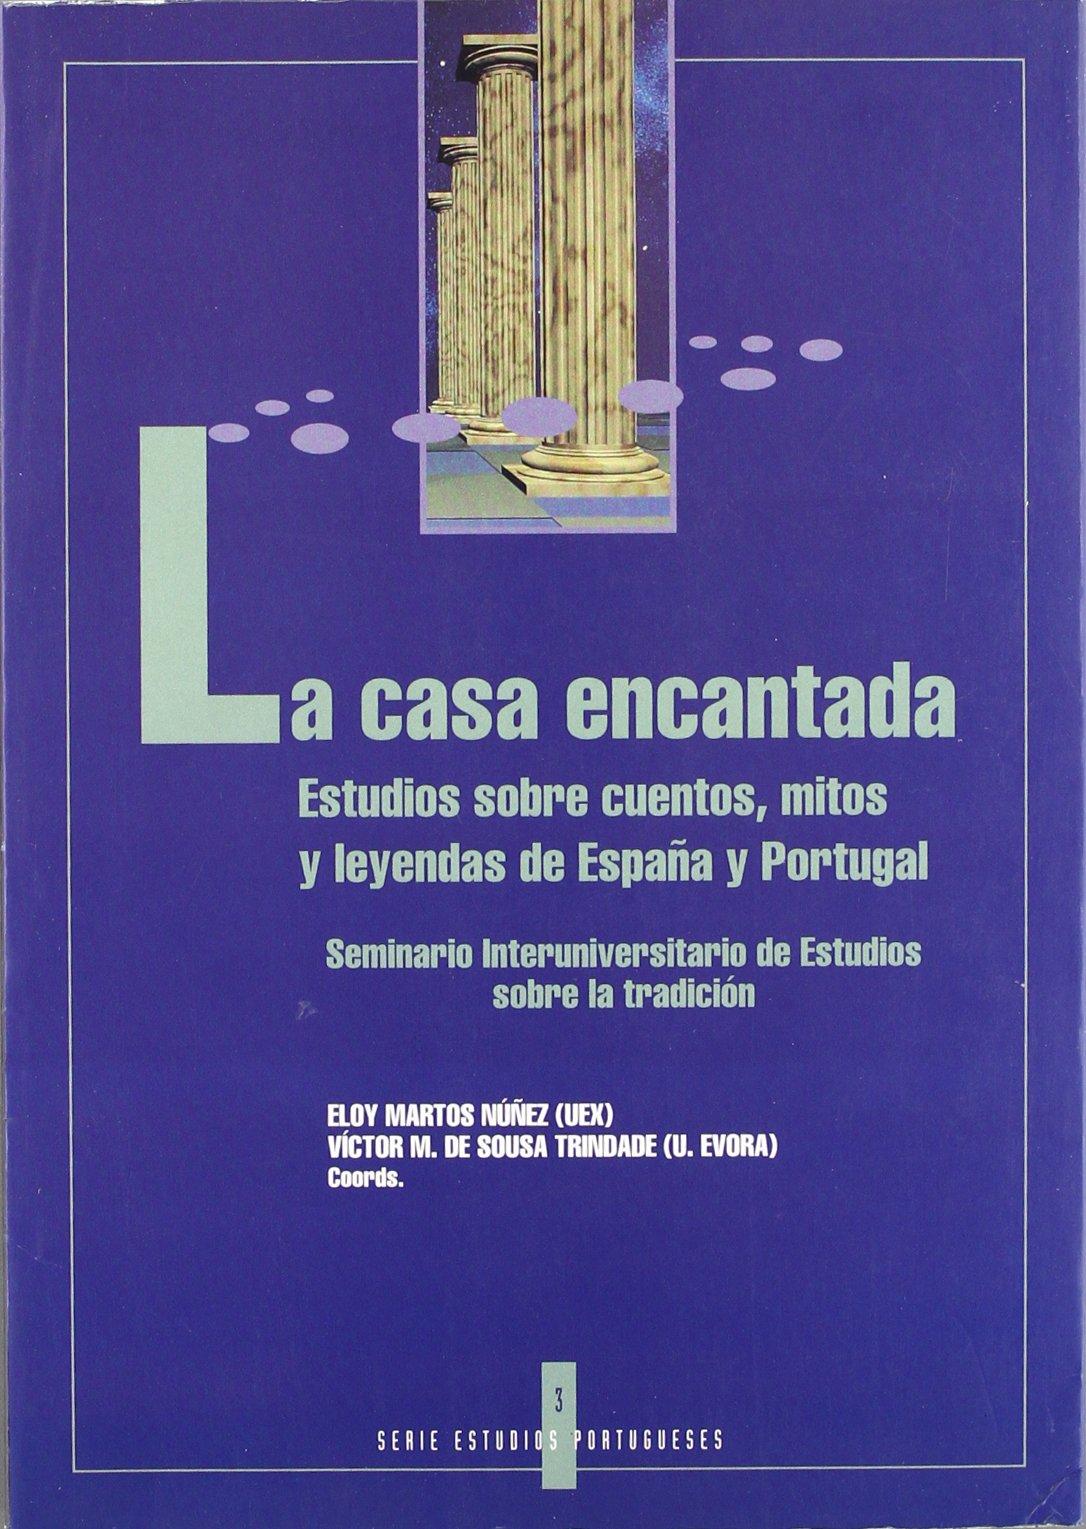 La casa encantada : estudios sobrecuentos, mitos y leyendas de España y Portugal: Amazon.es: Libros